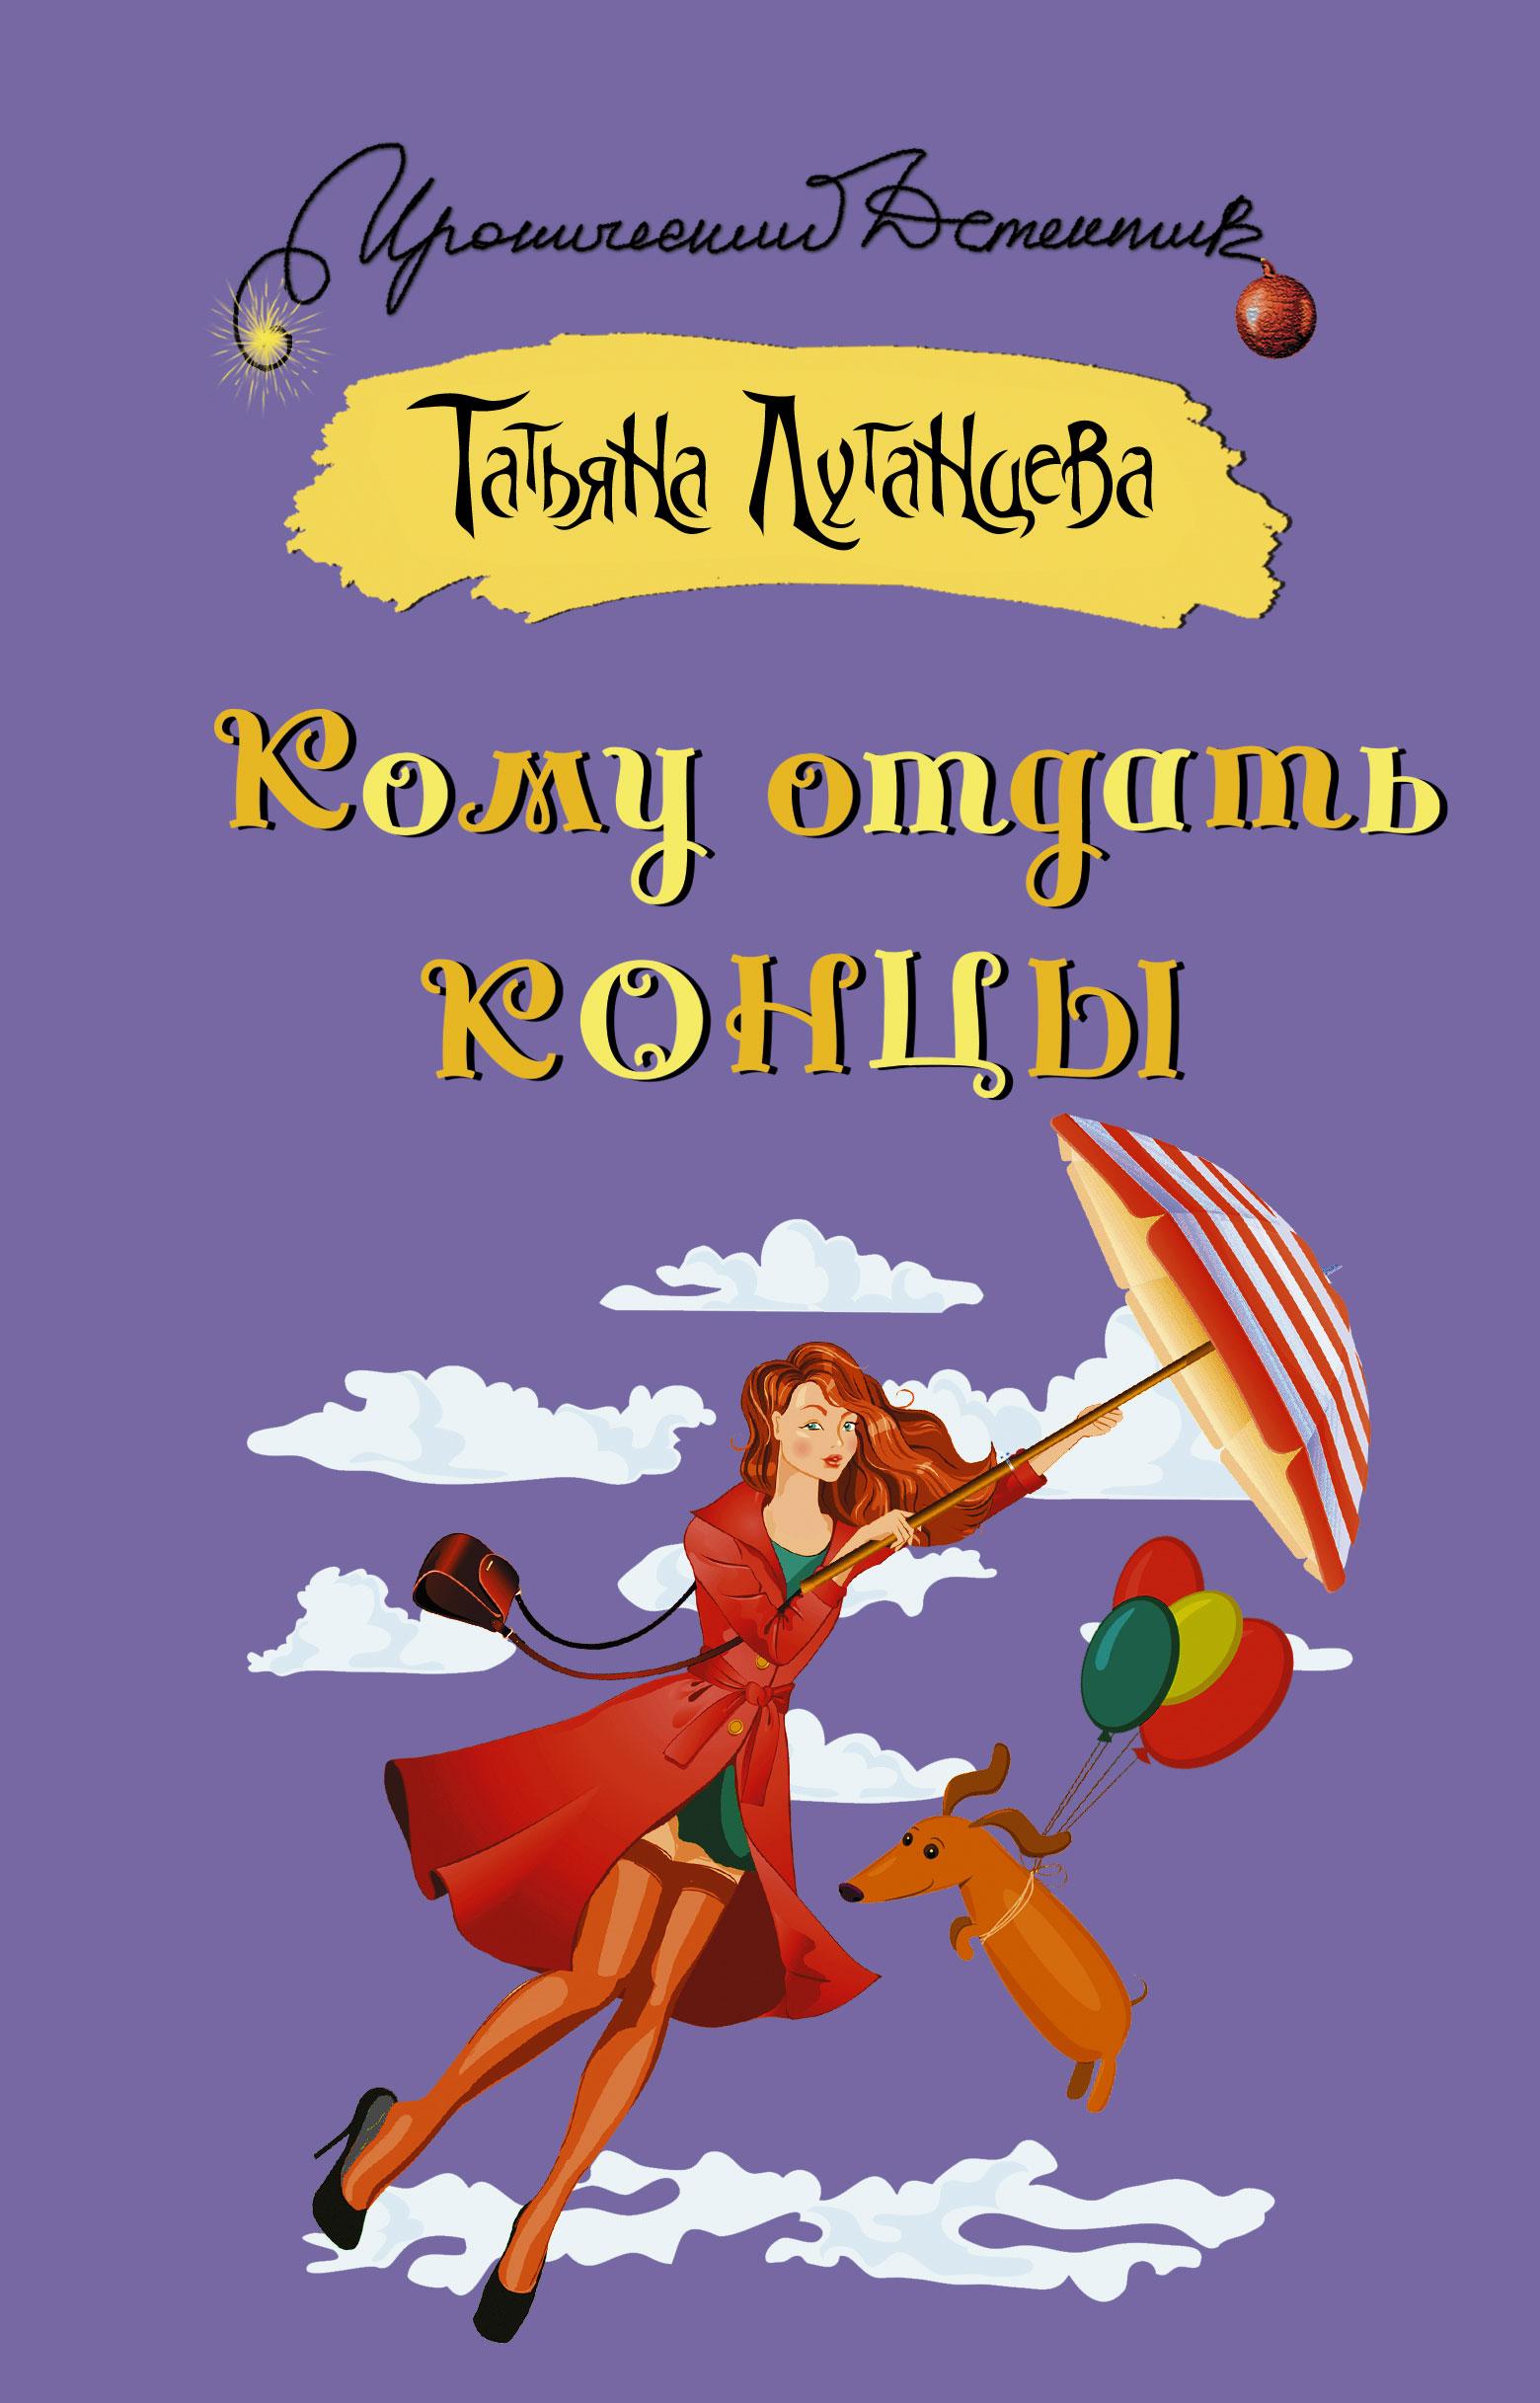 Купить книгу Кому отдать концы, автора Татьяны Луганцевой